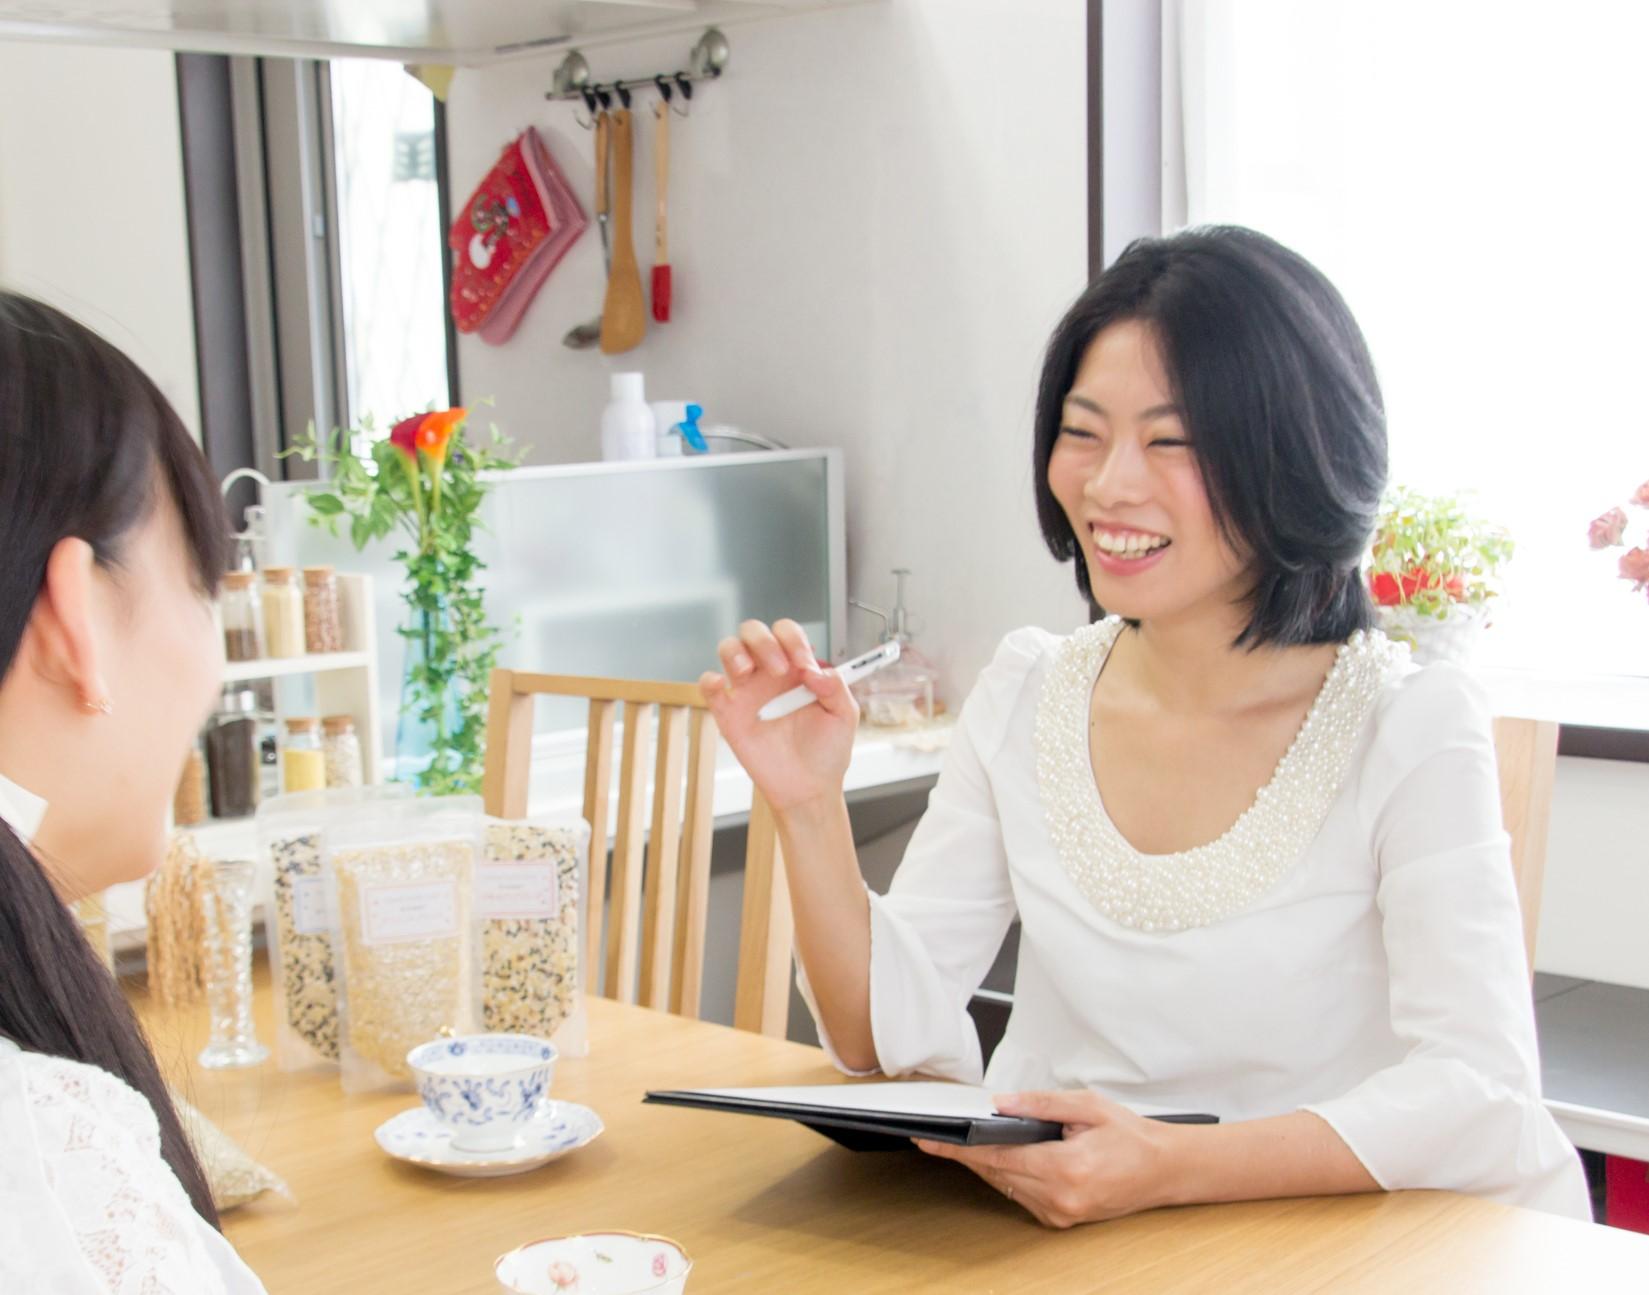 """「#ズボラ管理栄養士」としてSNSでも注目を浴びる三城円さんに聞く<br> 多忙なワーママに向けた """"力まない"""" 食と健康の話"""